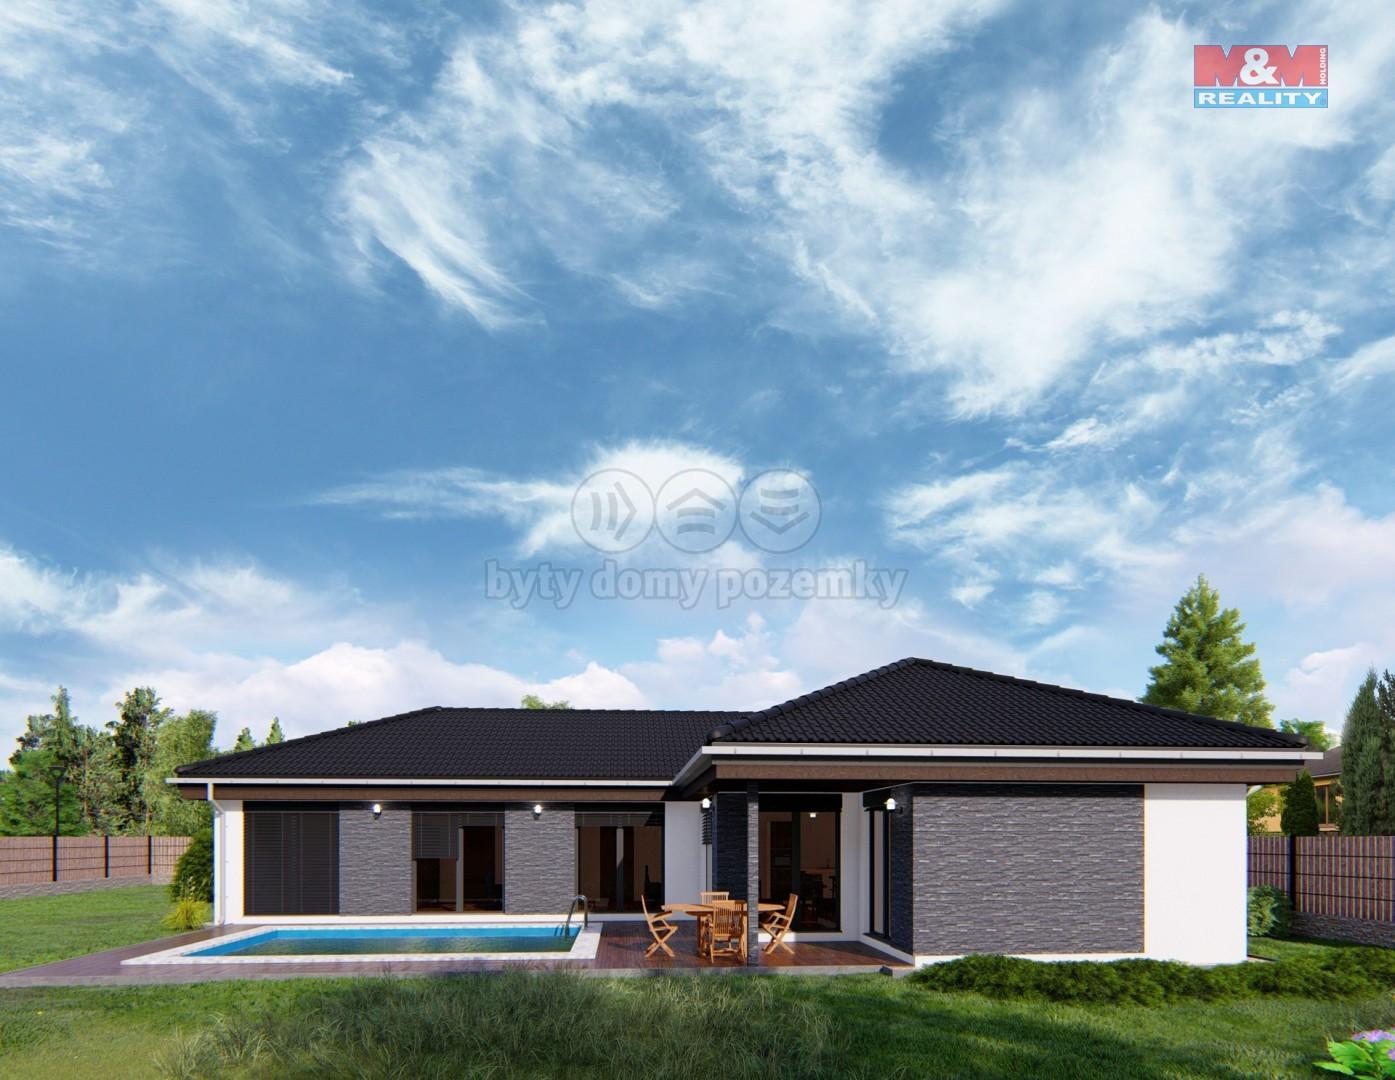 Prodej, rodinný dům, 161 m2, Nepomuk